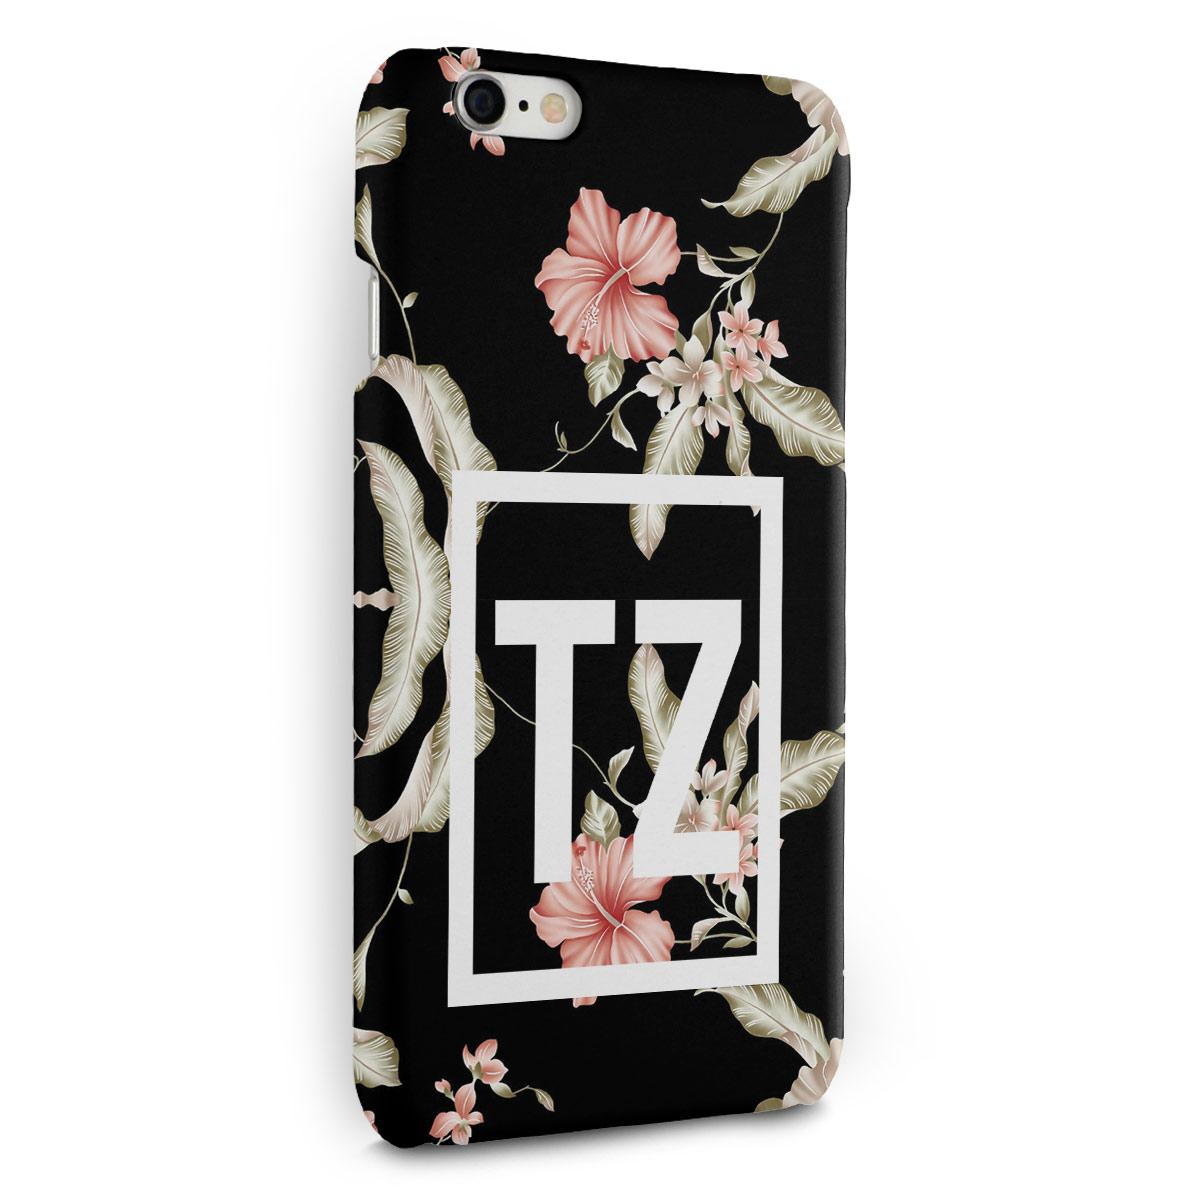 Capa para iPhone 6/6S Plus MC Tati Zaqui Flowers